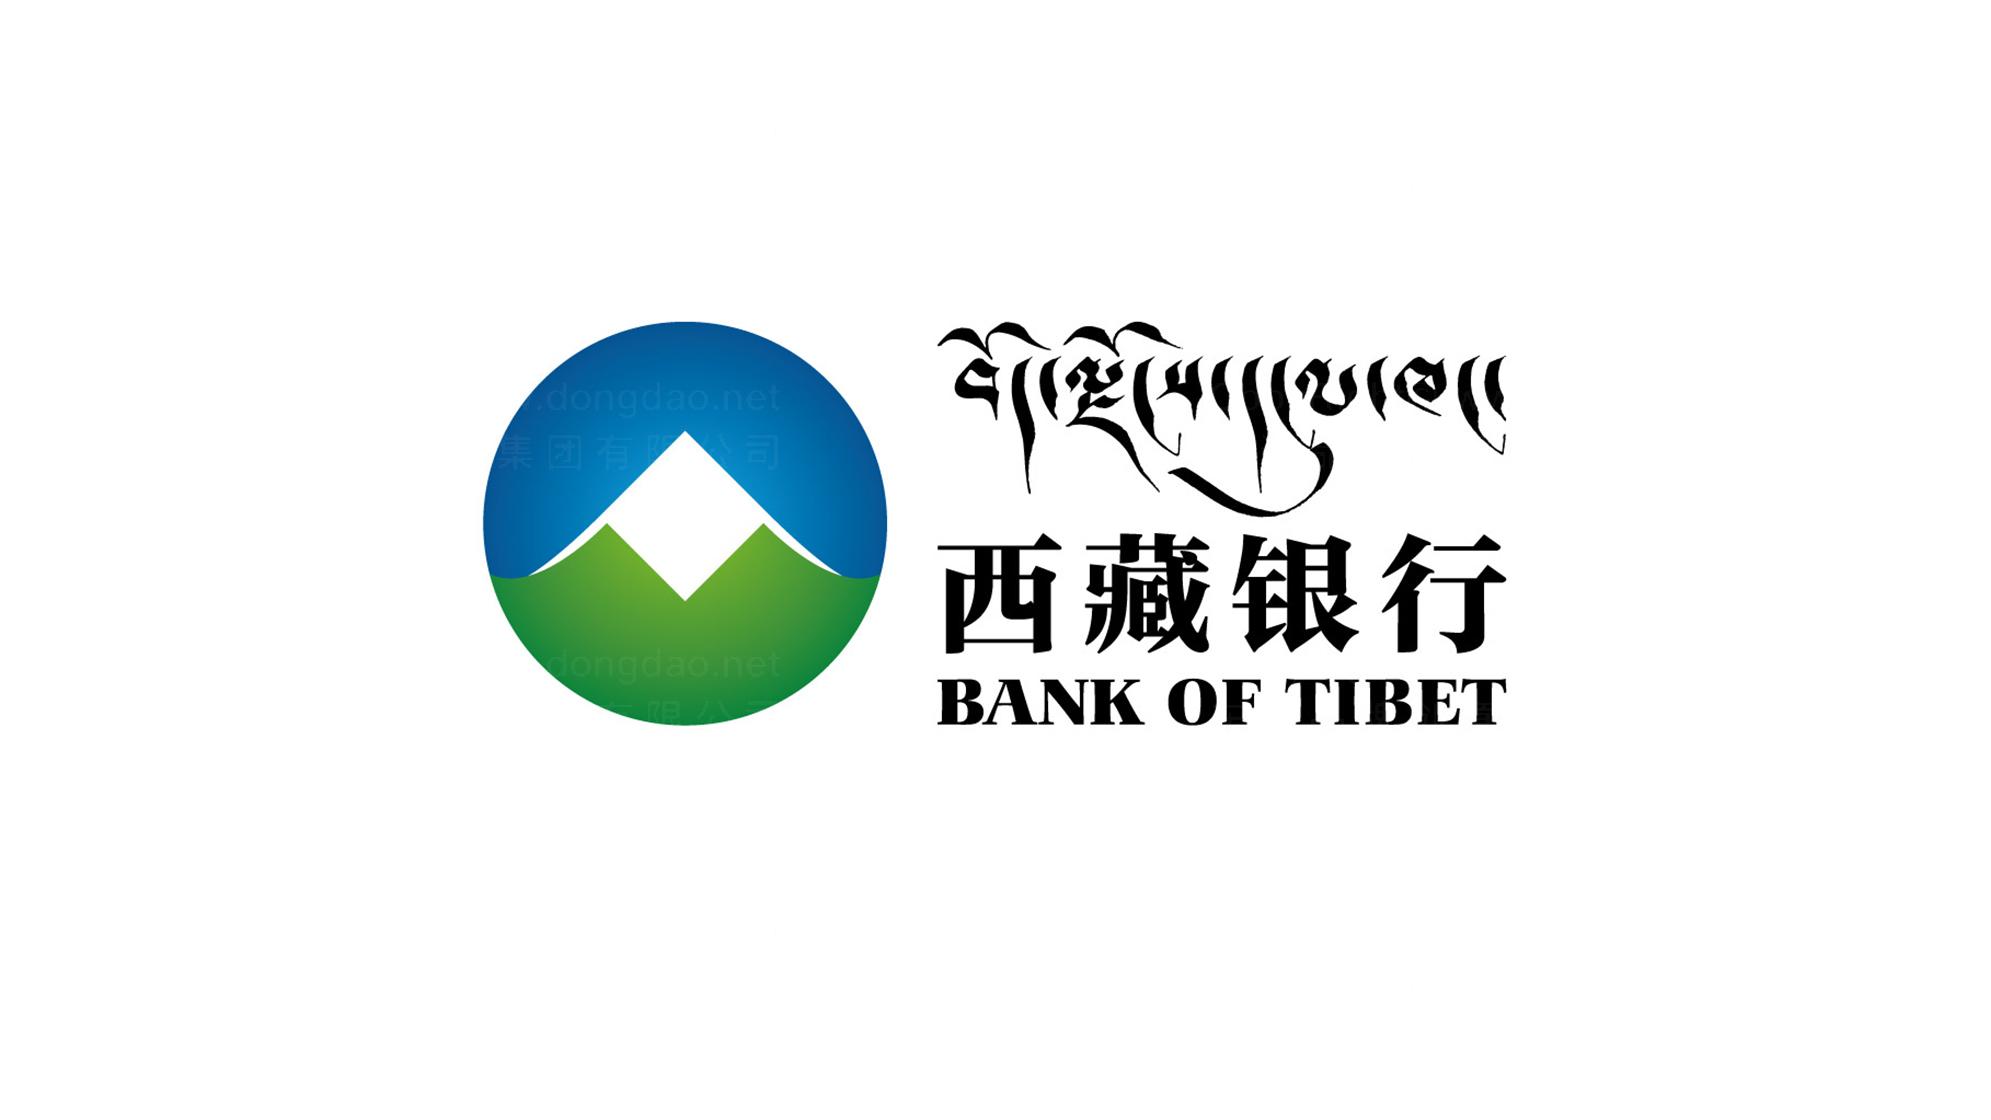 品牌设计案例西藏银行LOGO&VI设计